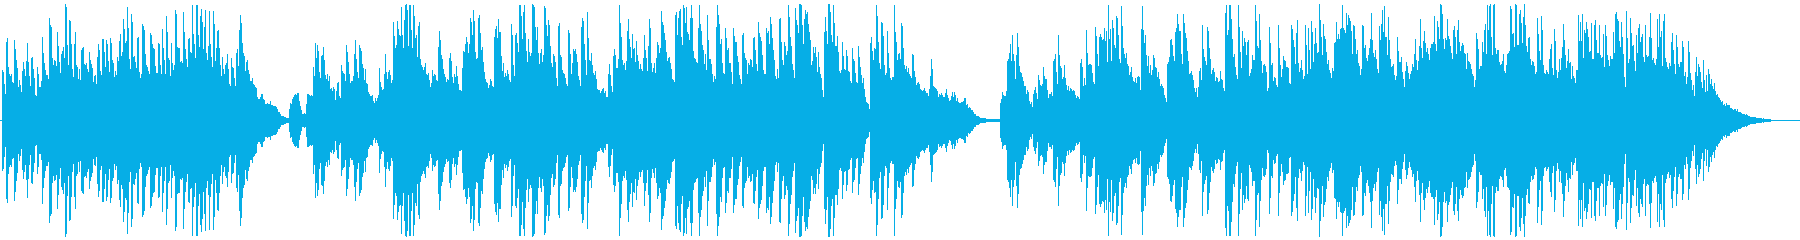 やわらかく高級なピアノサウンドの再生済みの波形